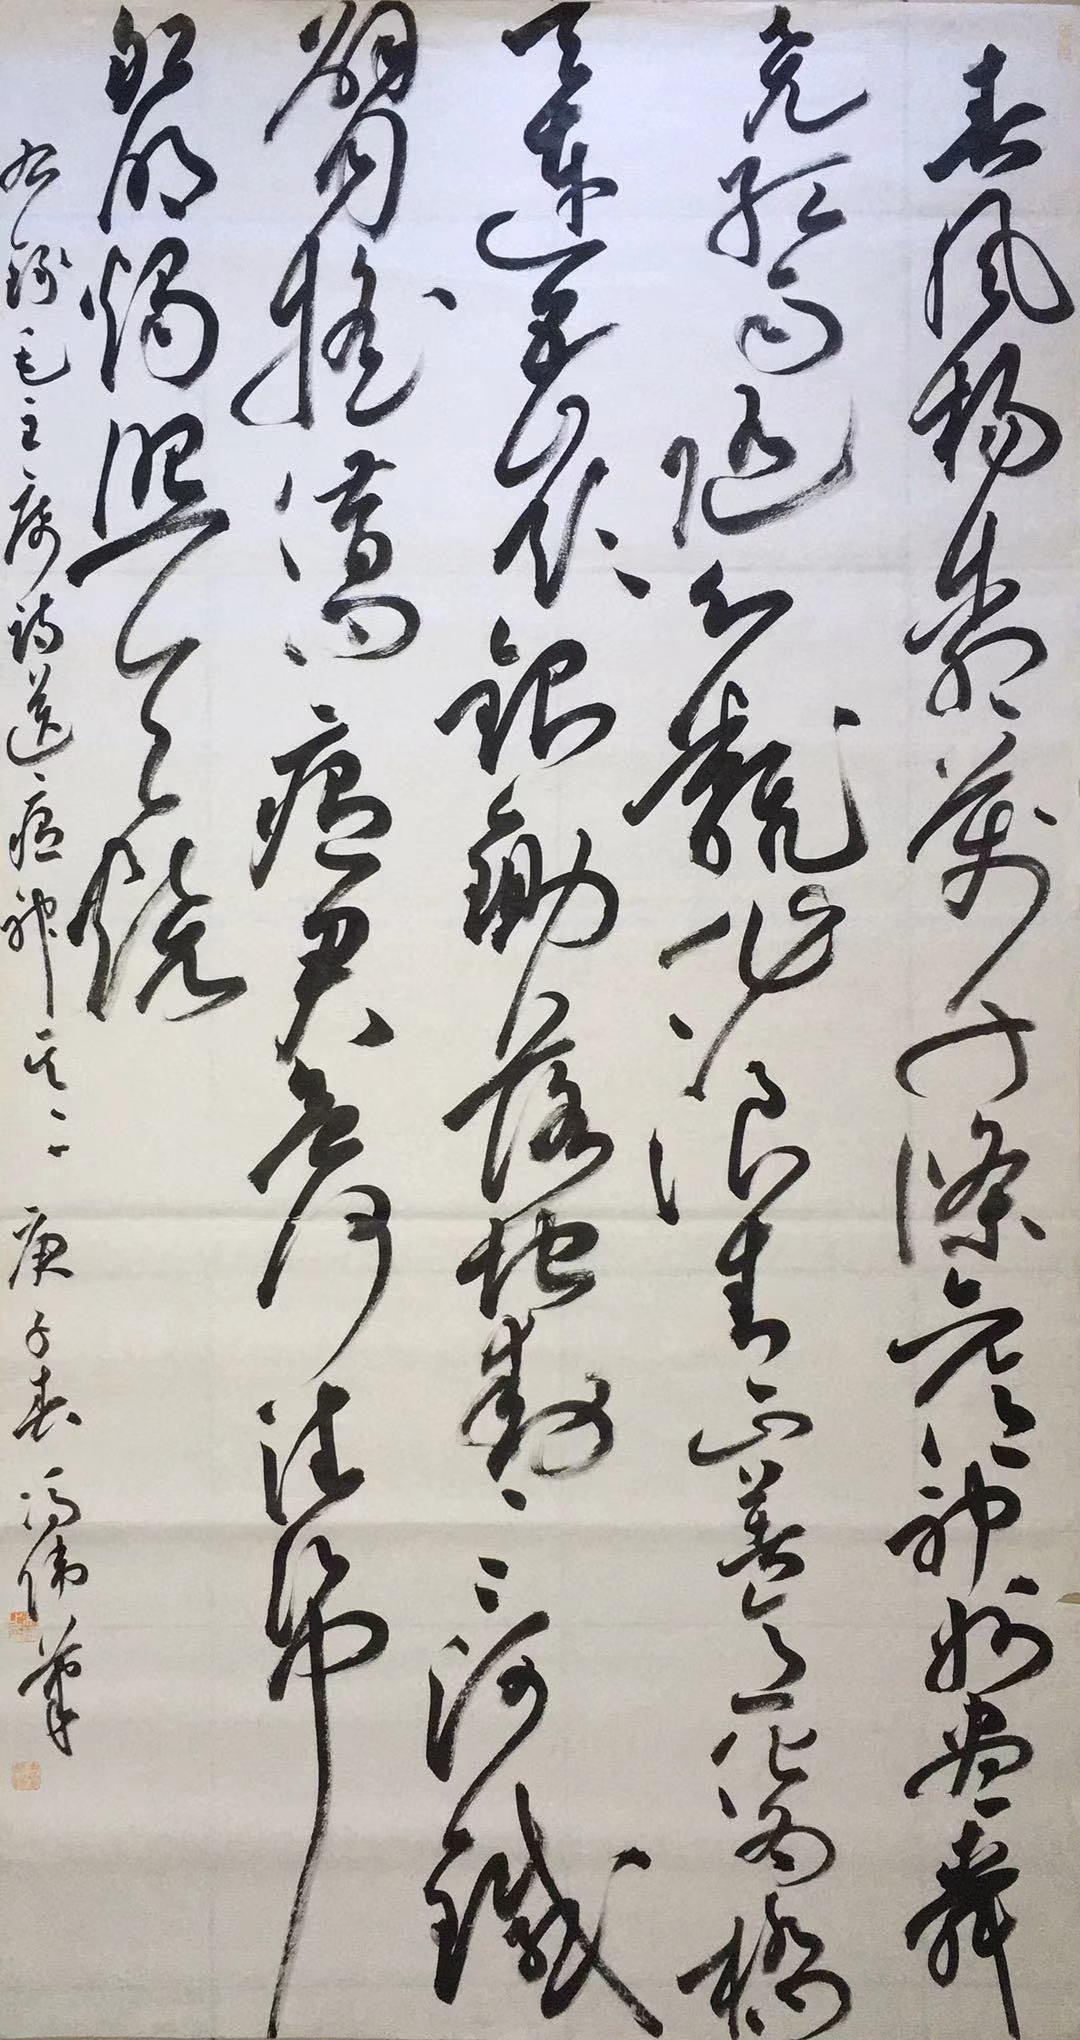 作者:冯伟